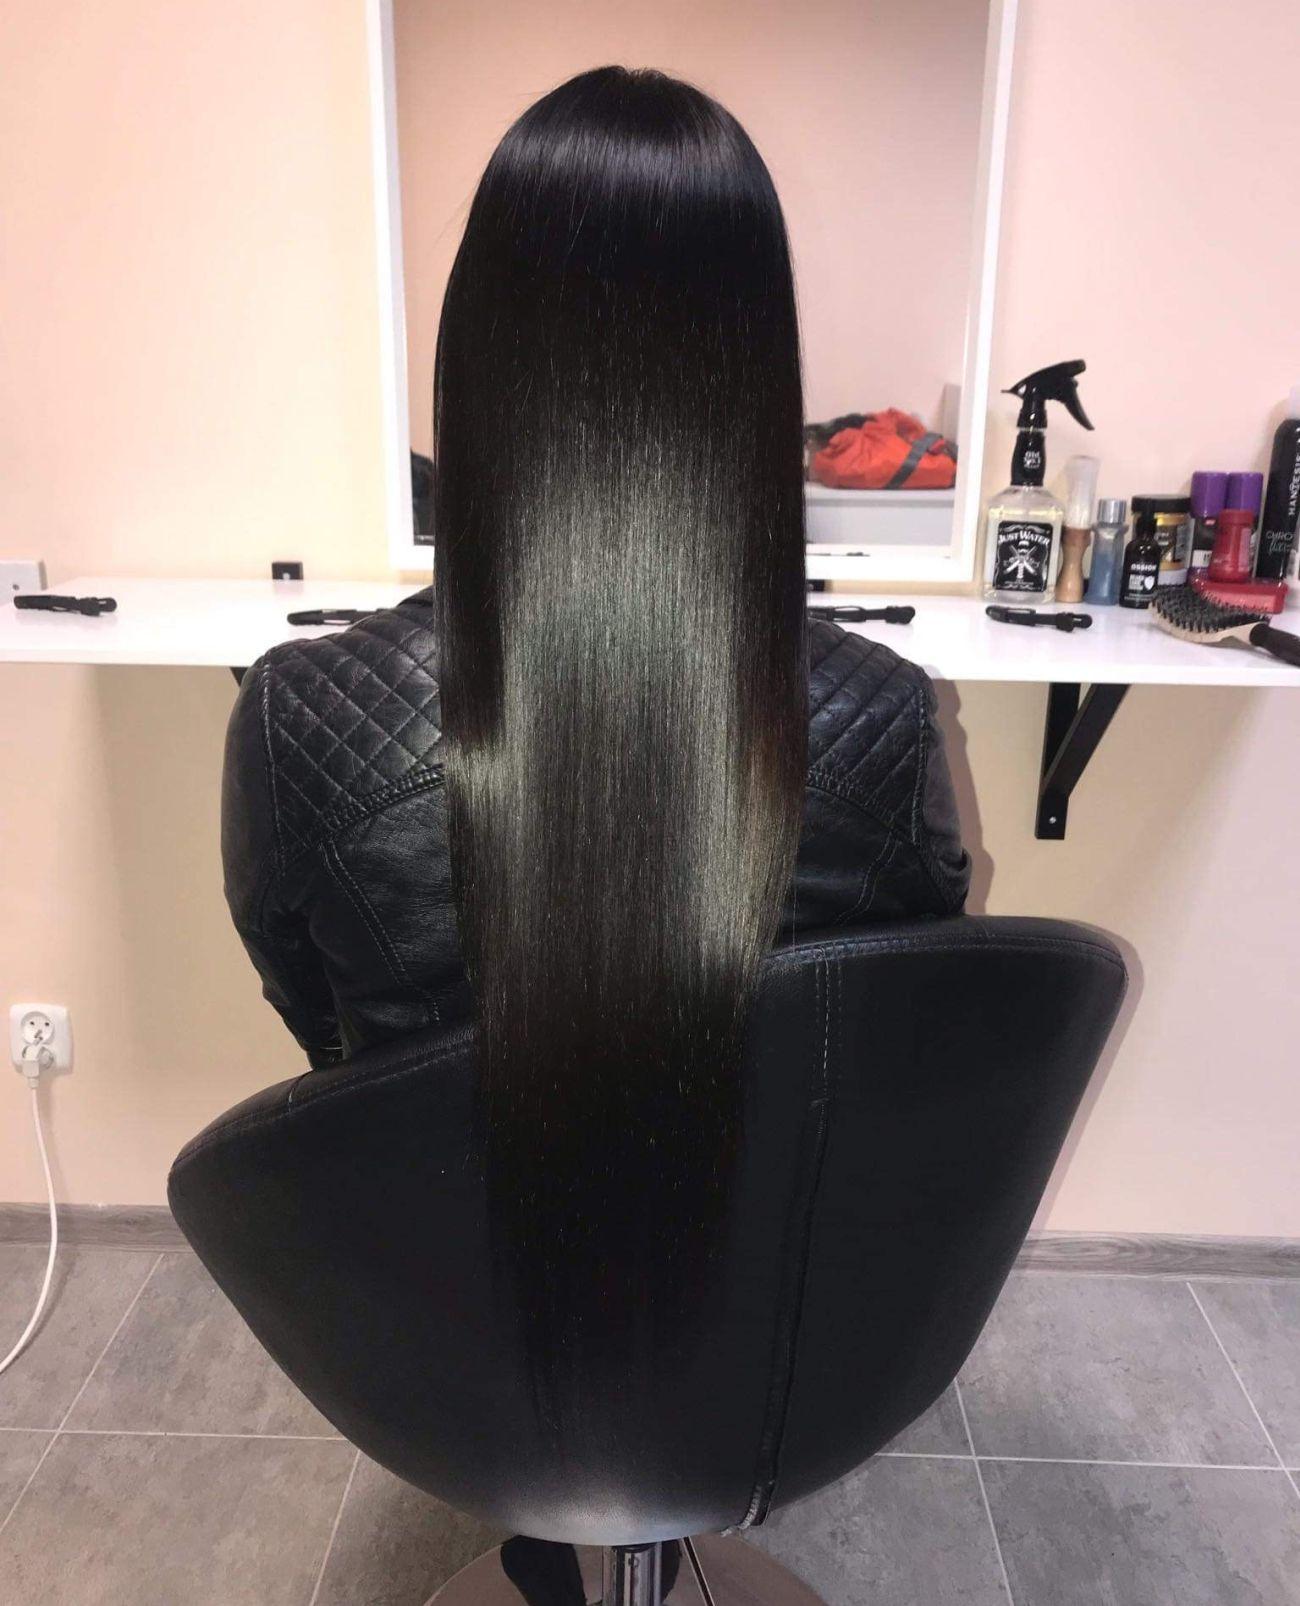 Włosy tuż po zabiegu keratynowego prostowania